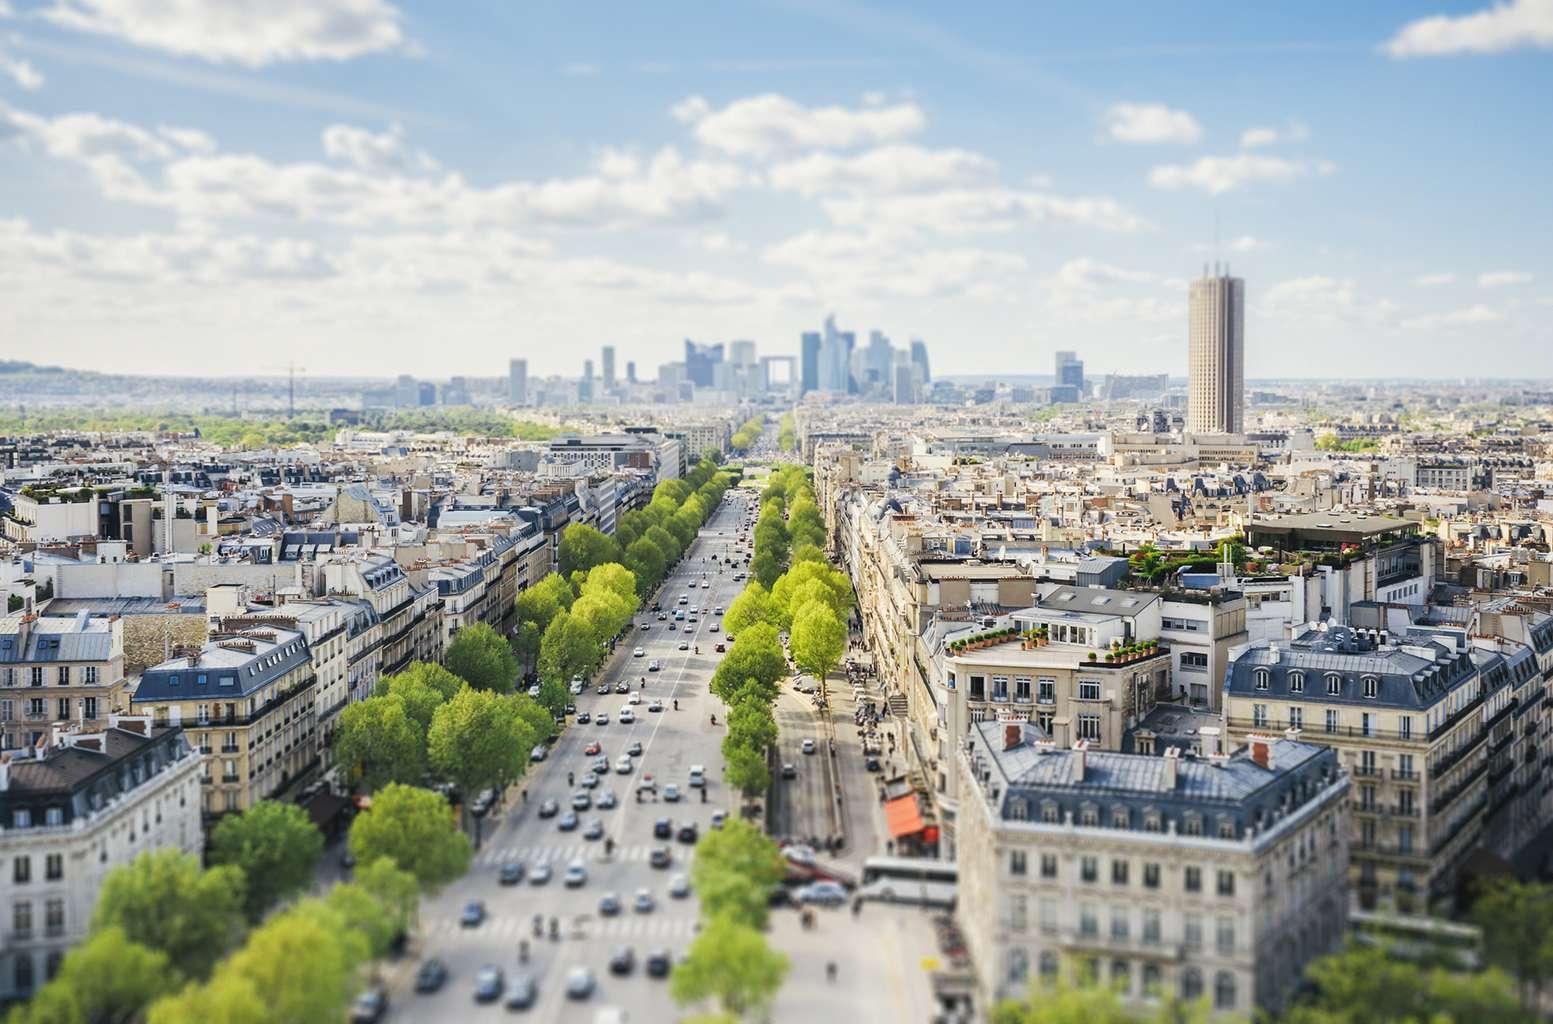 Selon une étude dévoilée par l'association environnementale ICCT, les émissions polluantes aux oxydes d'azote (NOx) des voitures diesel, mêmes des modèles les plus récents, à Paris, sont au-dessus des normes prévues par l'Union européenne. © instamatics / Istock.com